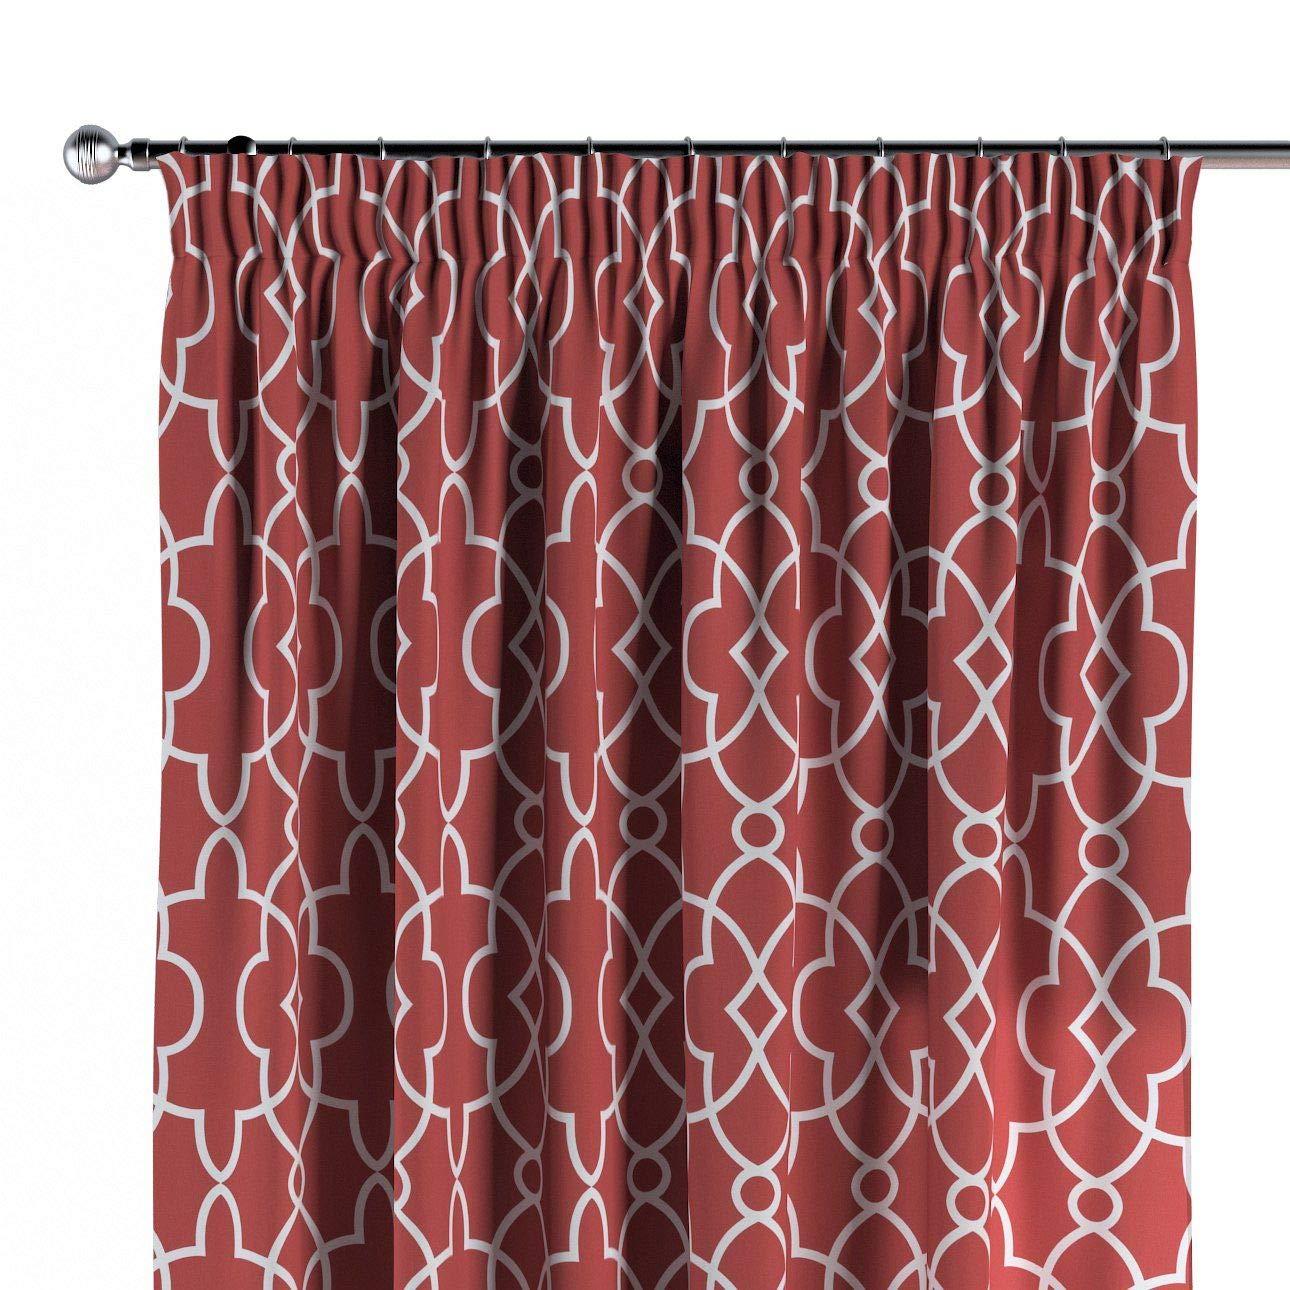 Dekoria Vorhang mit Kräuselband Dekoschal Blickdicht 1 Stck. 130 × 260 cm rot-weiß Maßanfertigung möglich